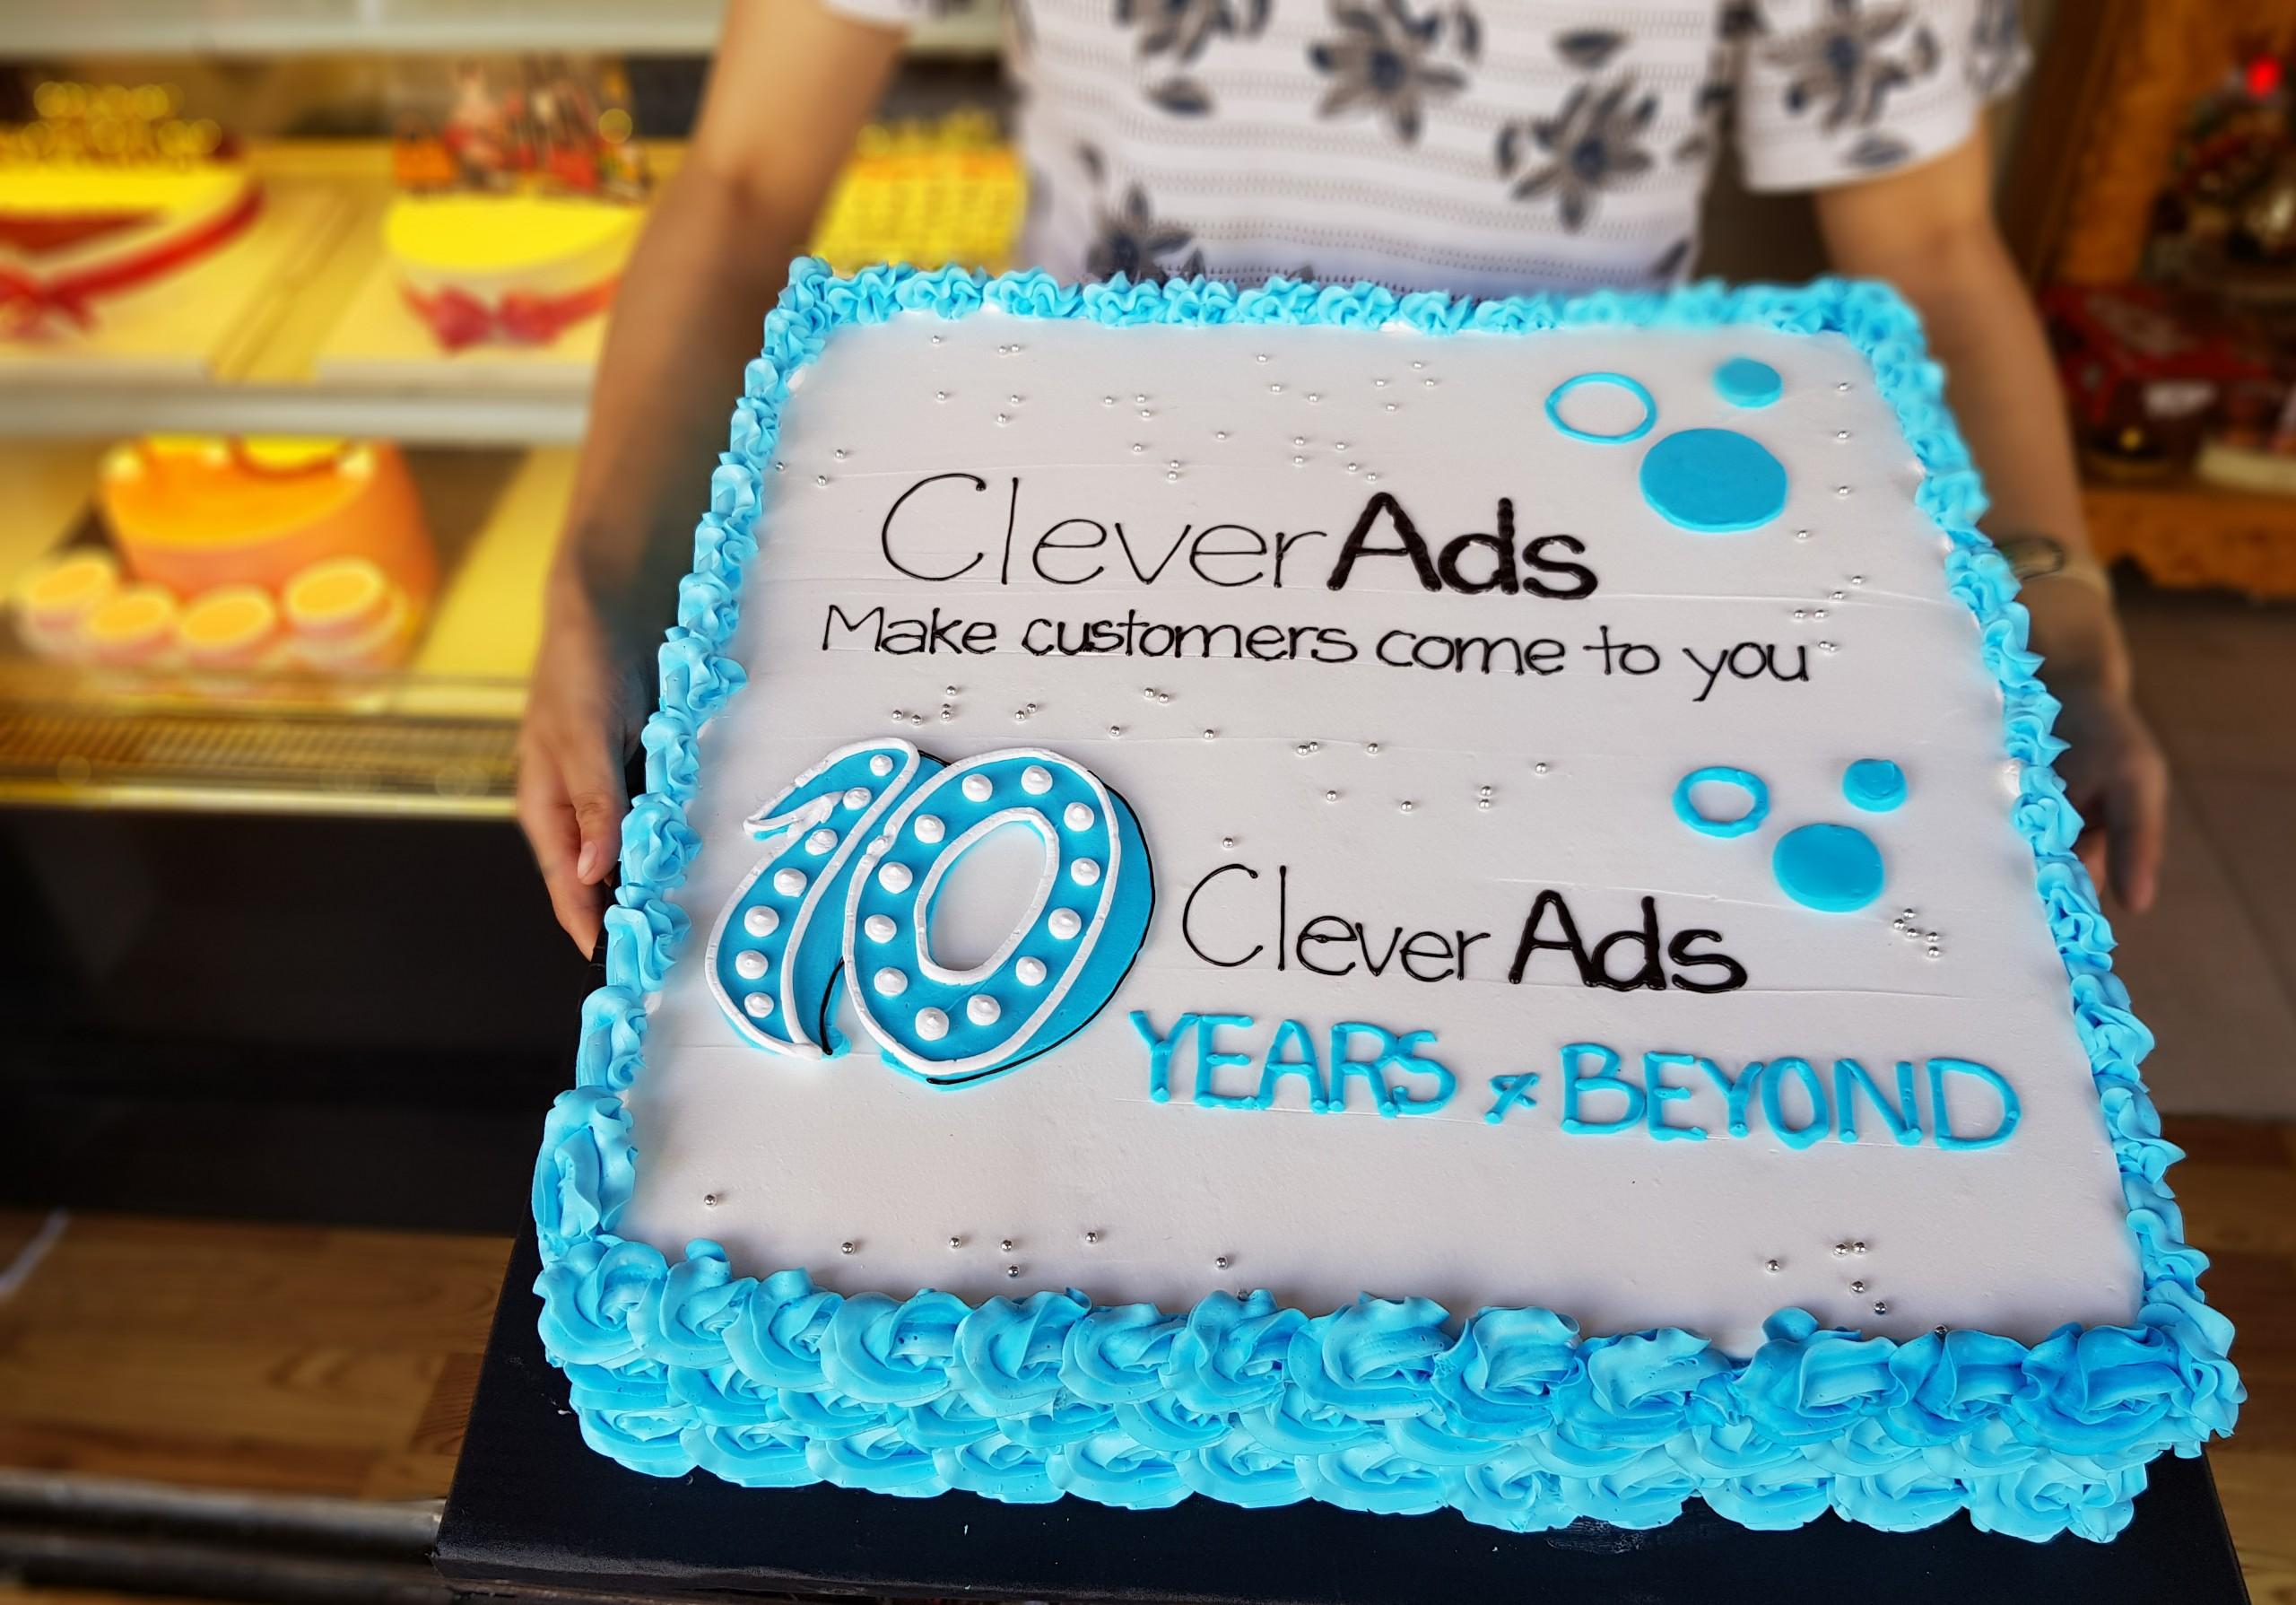 Mẫu bánh sinh nhật 10 năm CleverAds - Tiệm bánh MiaCake Đà Nẵng